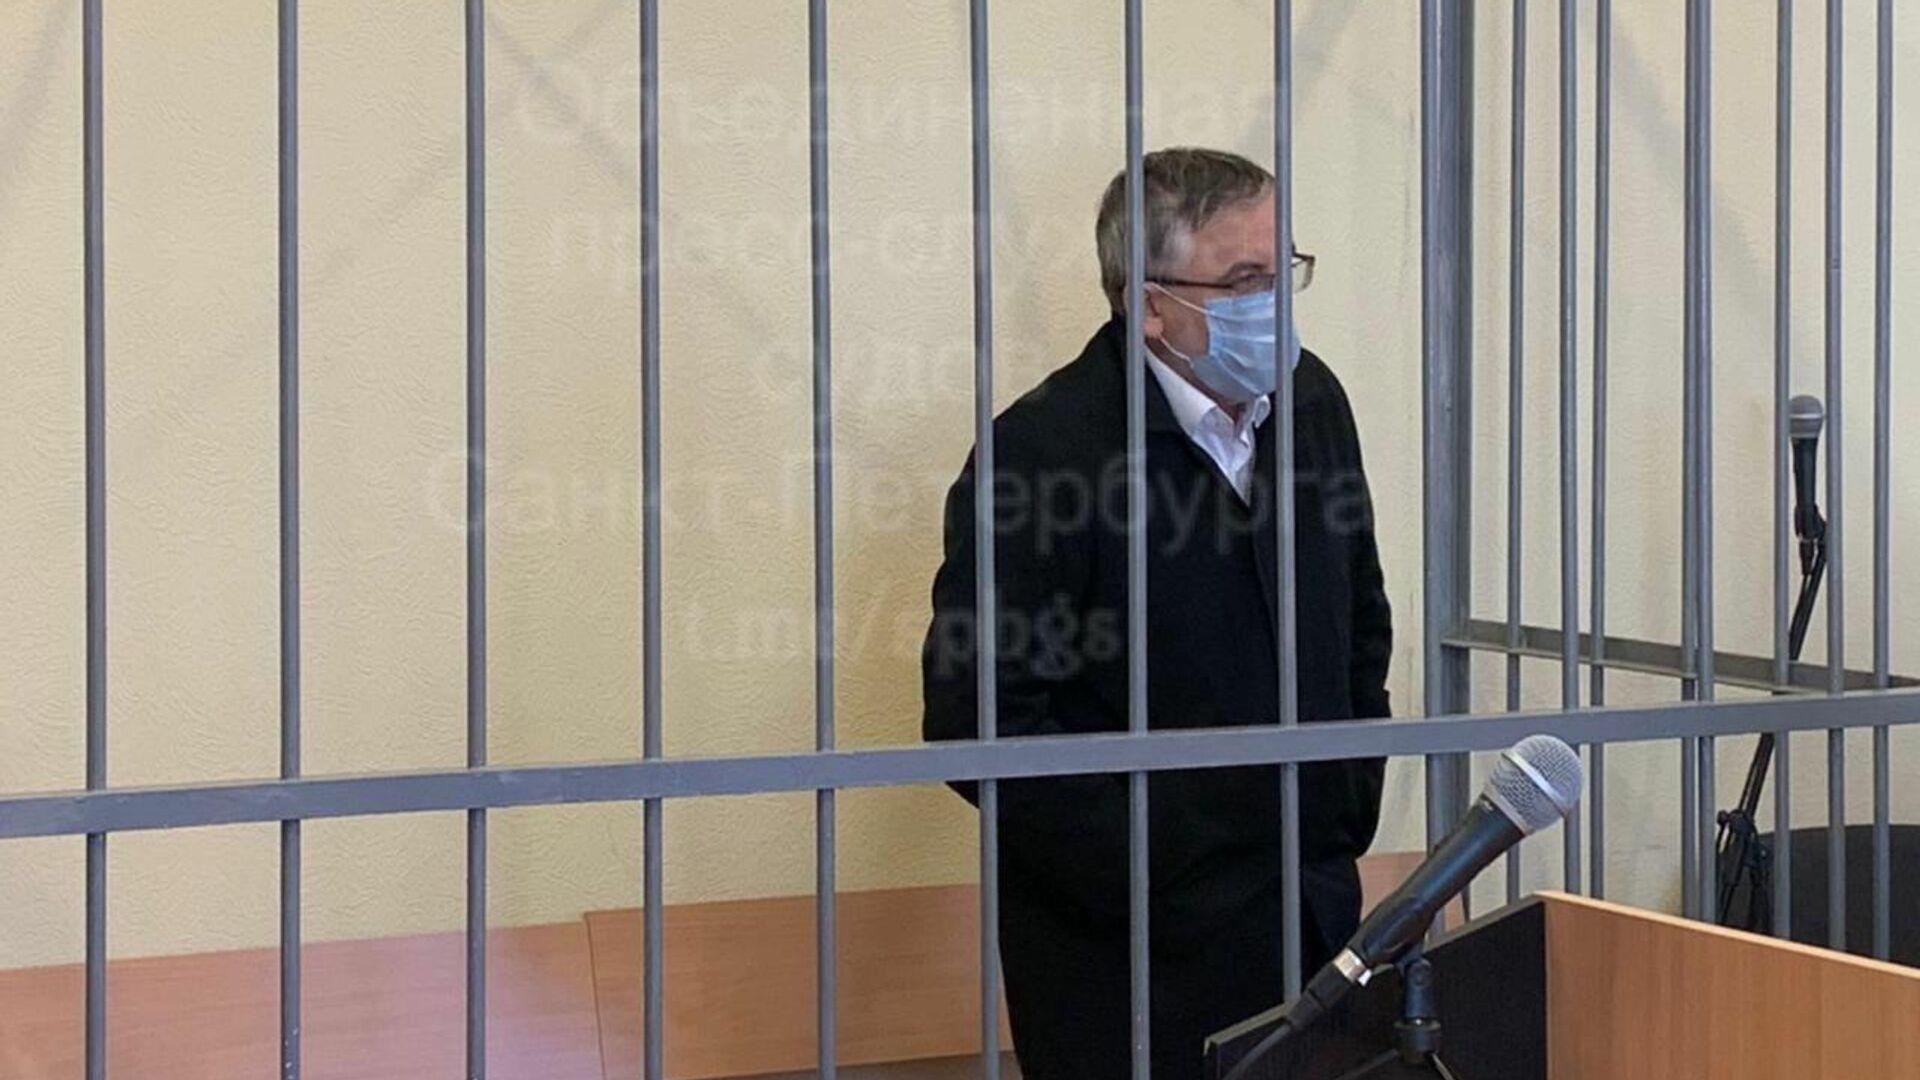 Обвиняемый в убийстве жены врач из Петербурга заявил о давлении следствия